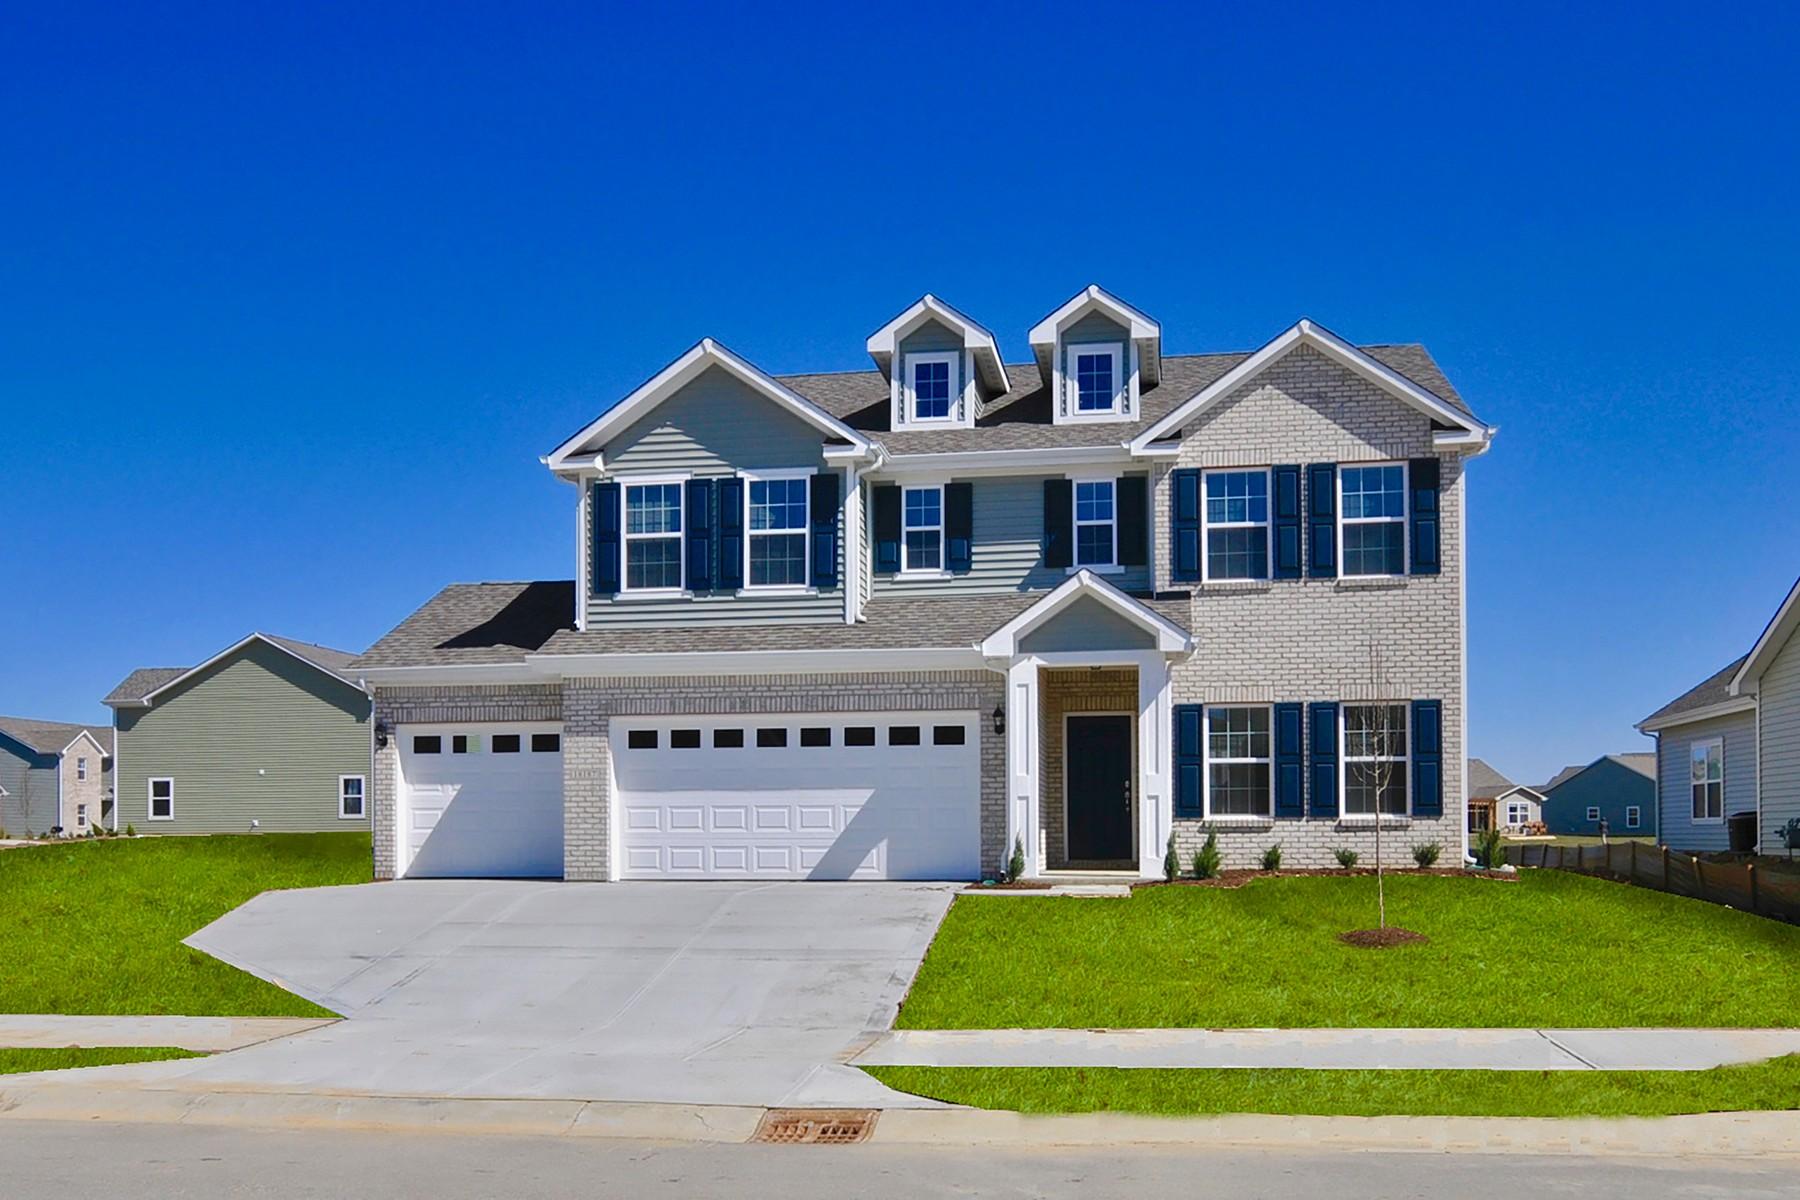 واحد منزل الأسرة للـ Rent في Great 4 Bedroom Home in Westfield 18187 Nickel Plate Drive, Westfield, Indiana, 46074 United States